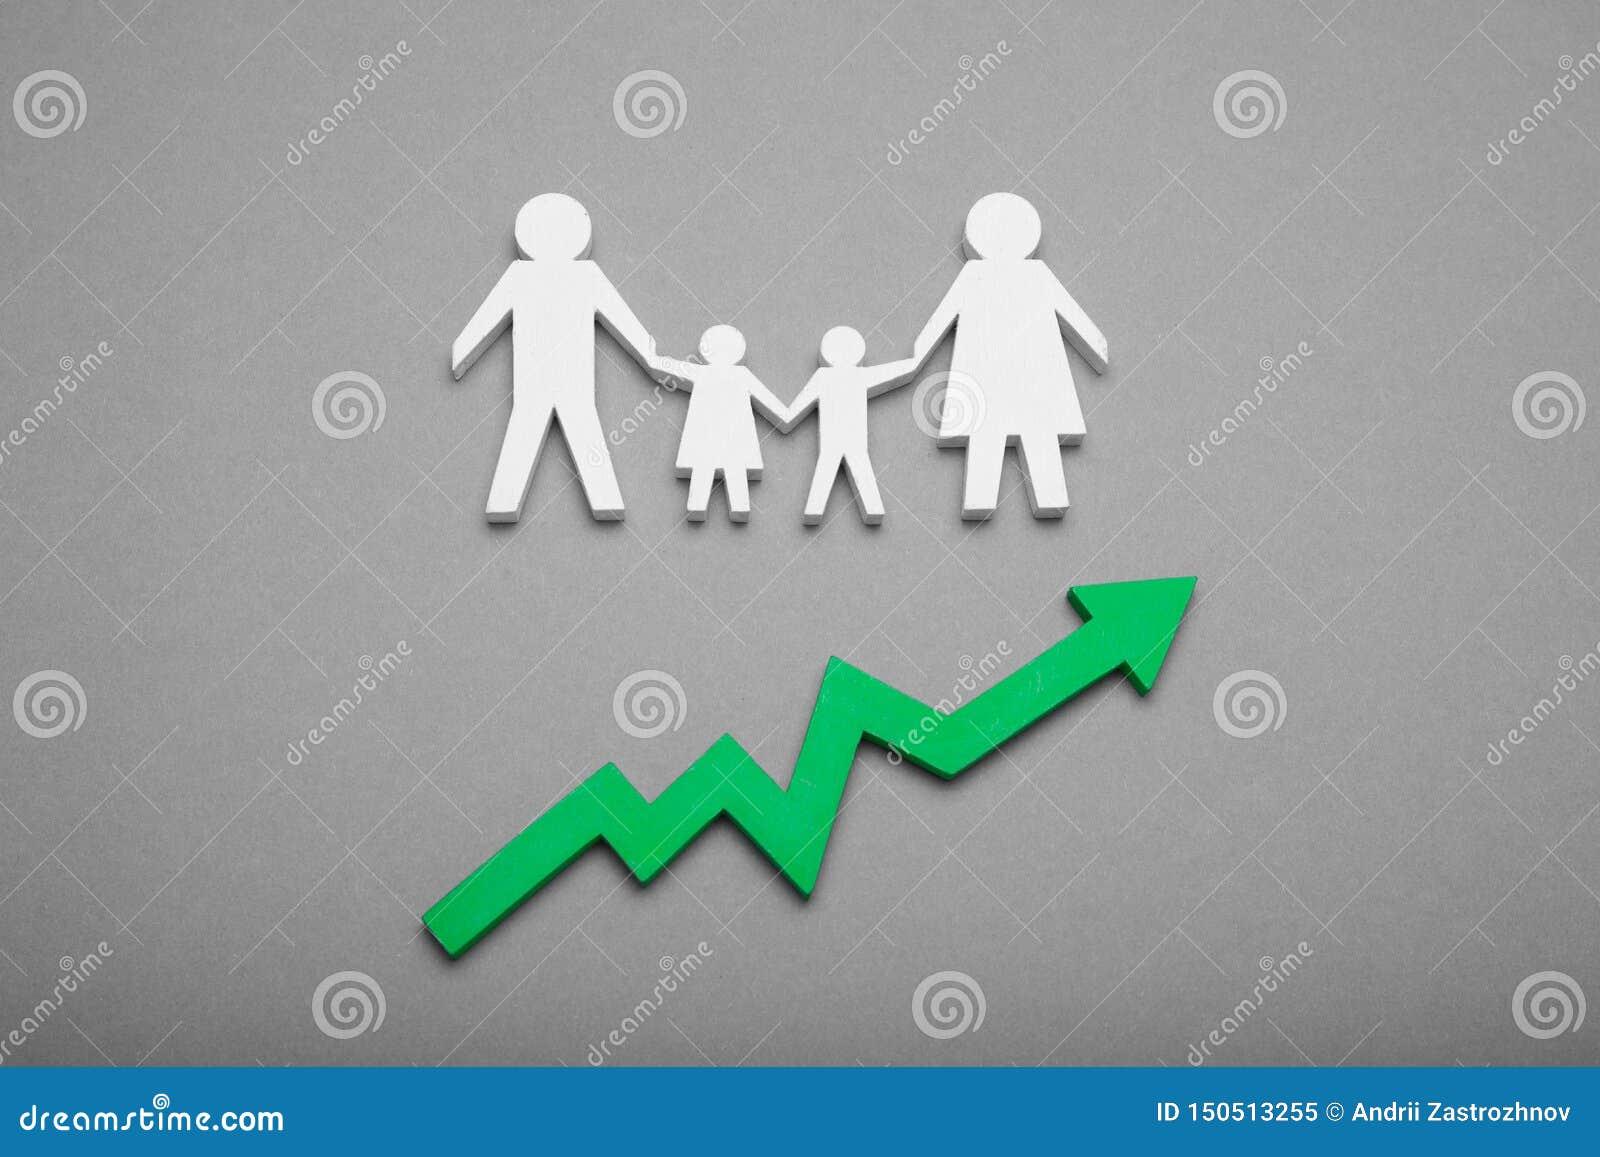 Crescita di popolazione umana del mondo concetto di tasso di natalit?